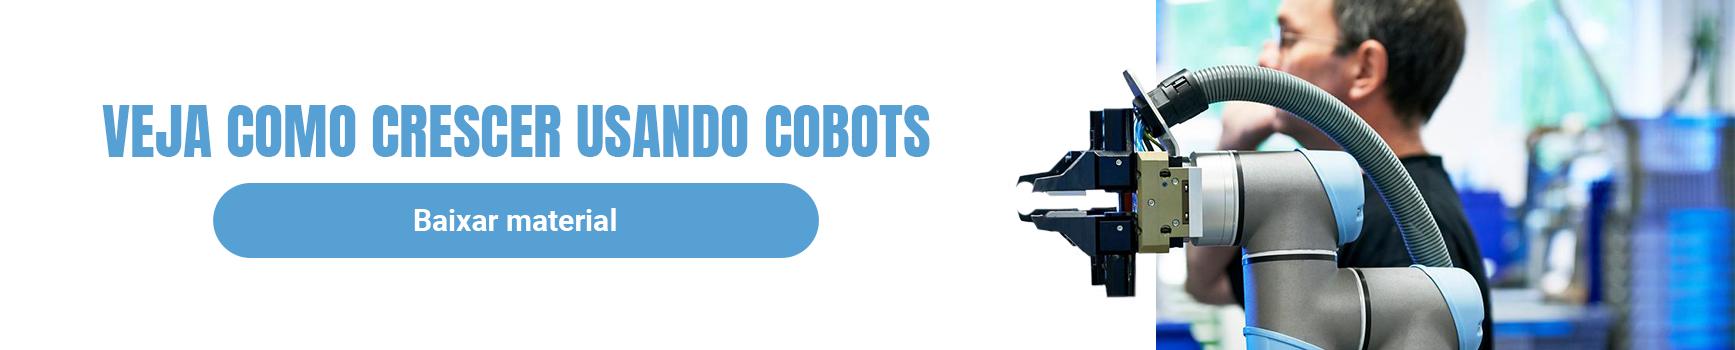 Material Rico: O que você precisa saber para crescer usando cobots